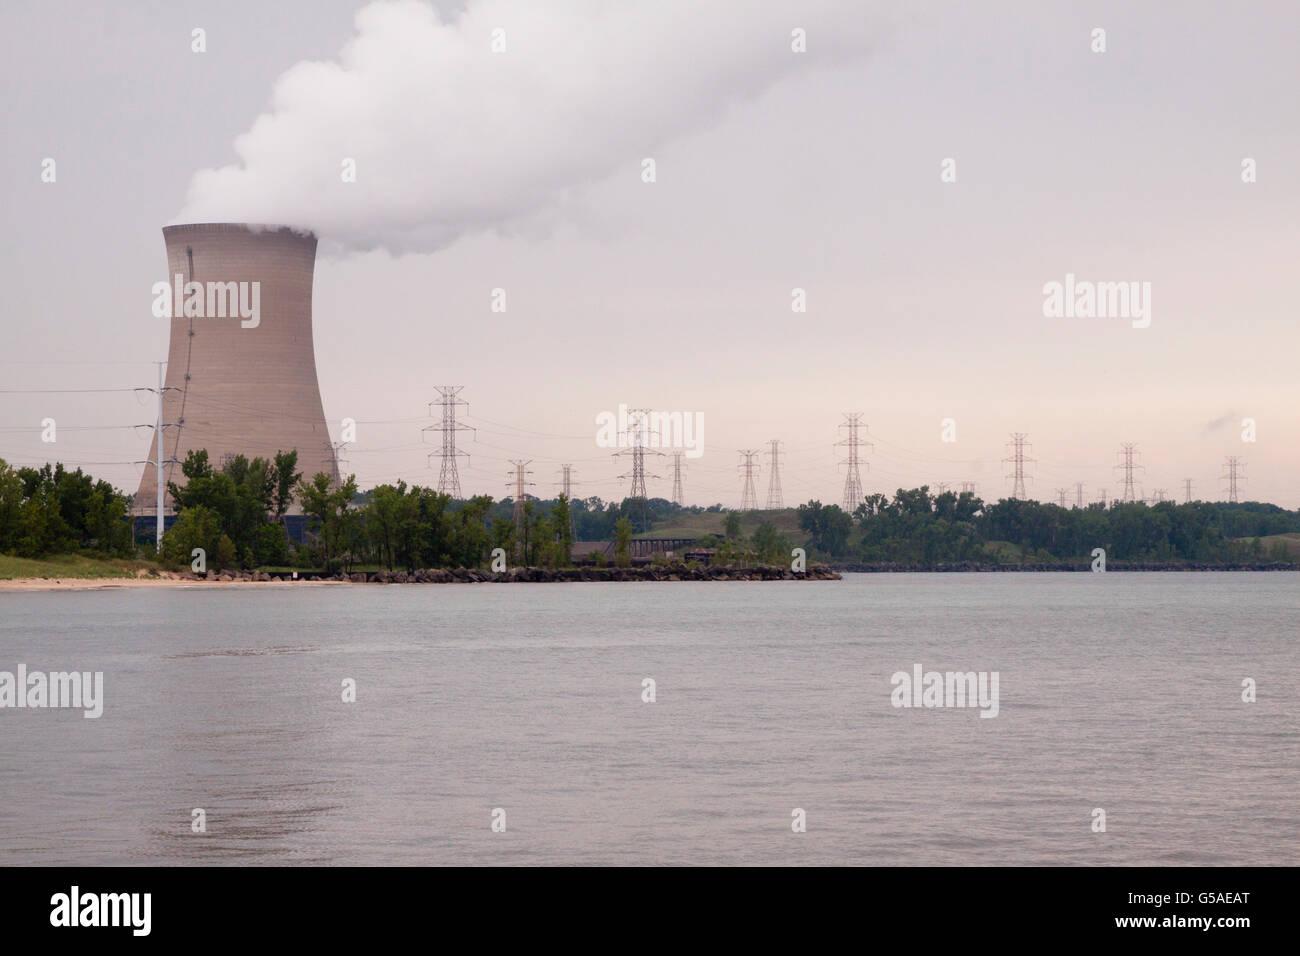 Schornstein des Kernkraftwerks mit Stromleitungen Stockbild